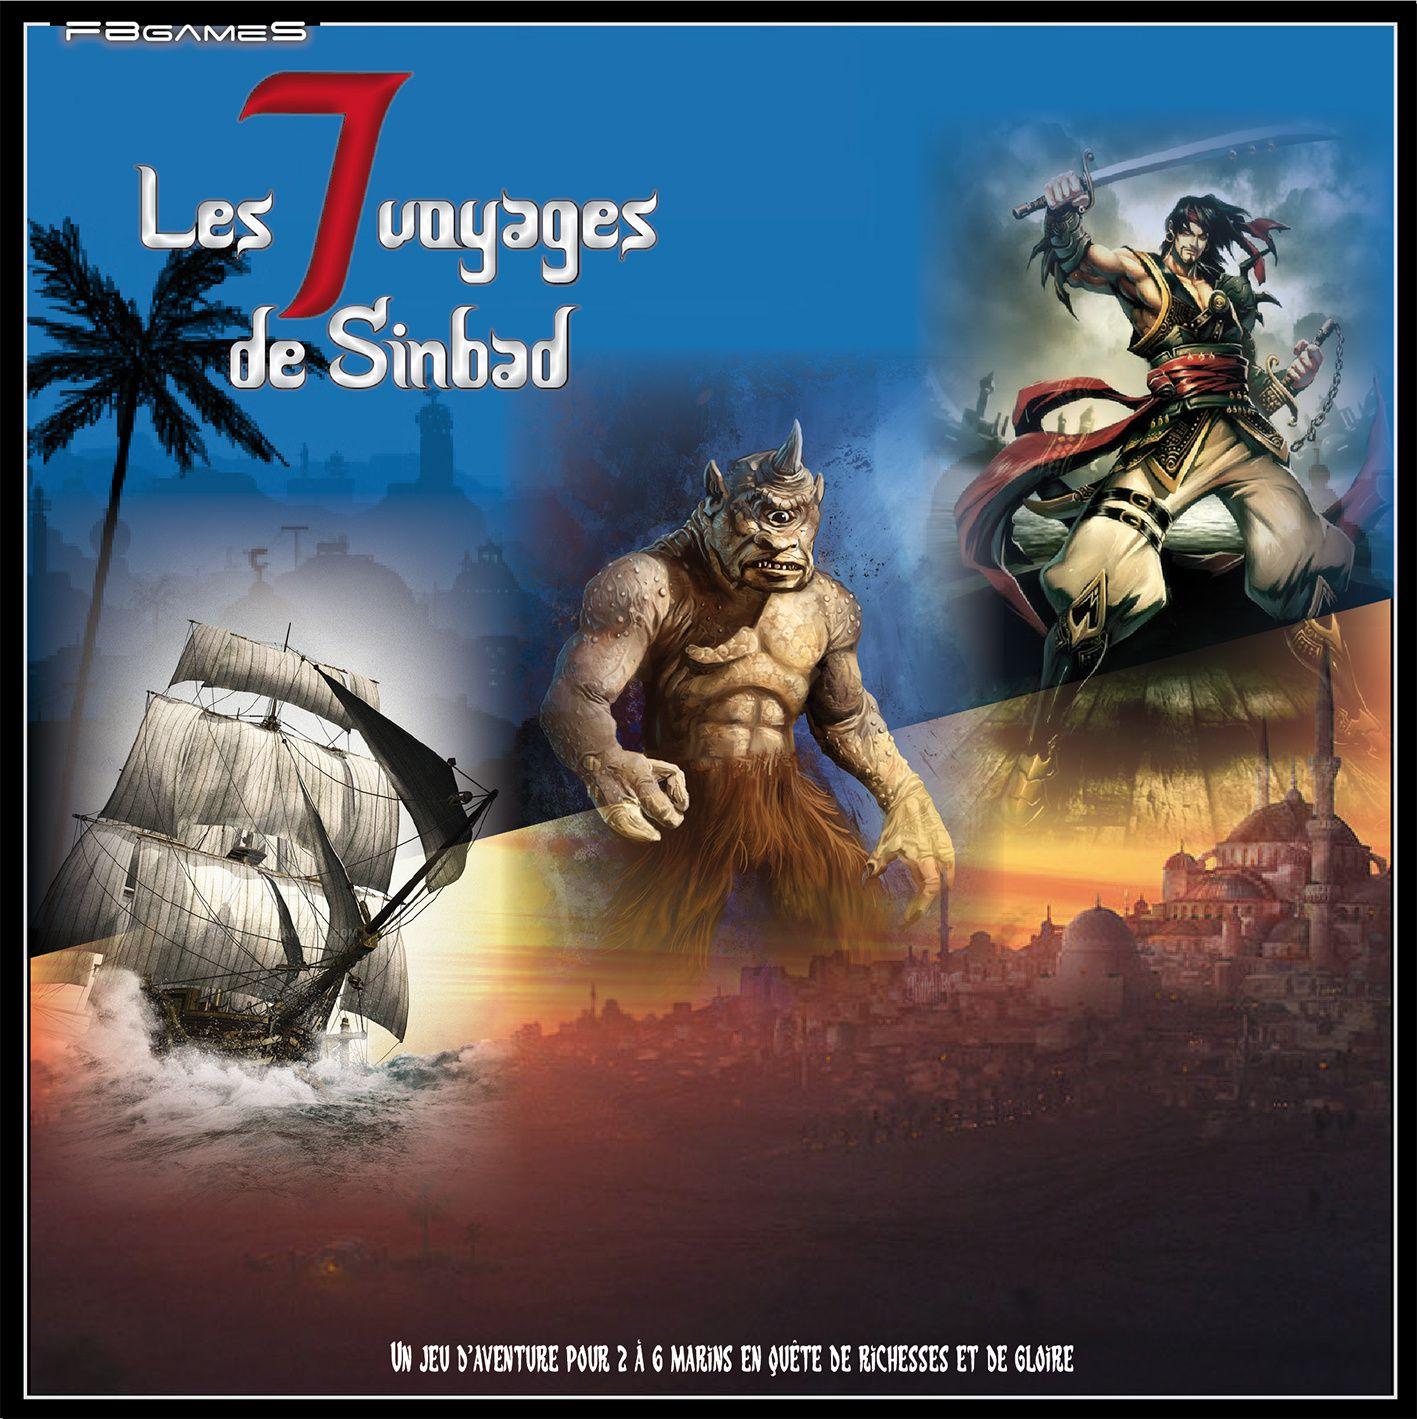 Les 7 Voyages De Sindbad Le Marin Fbgames